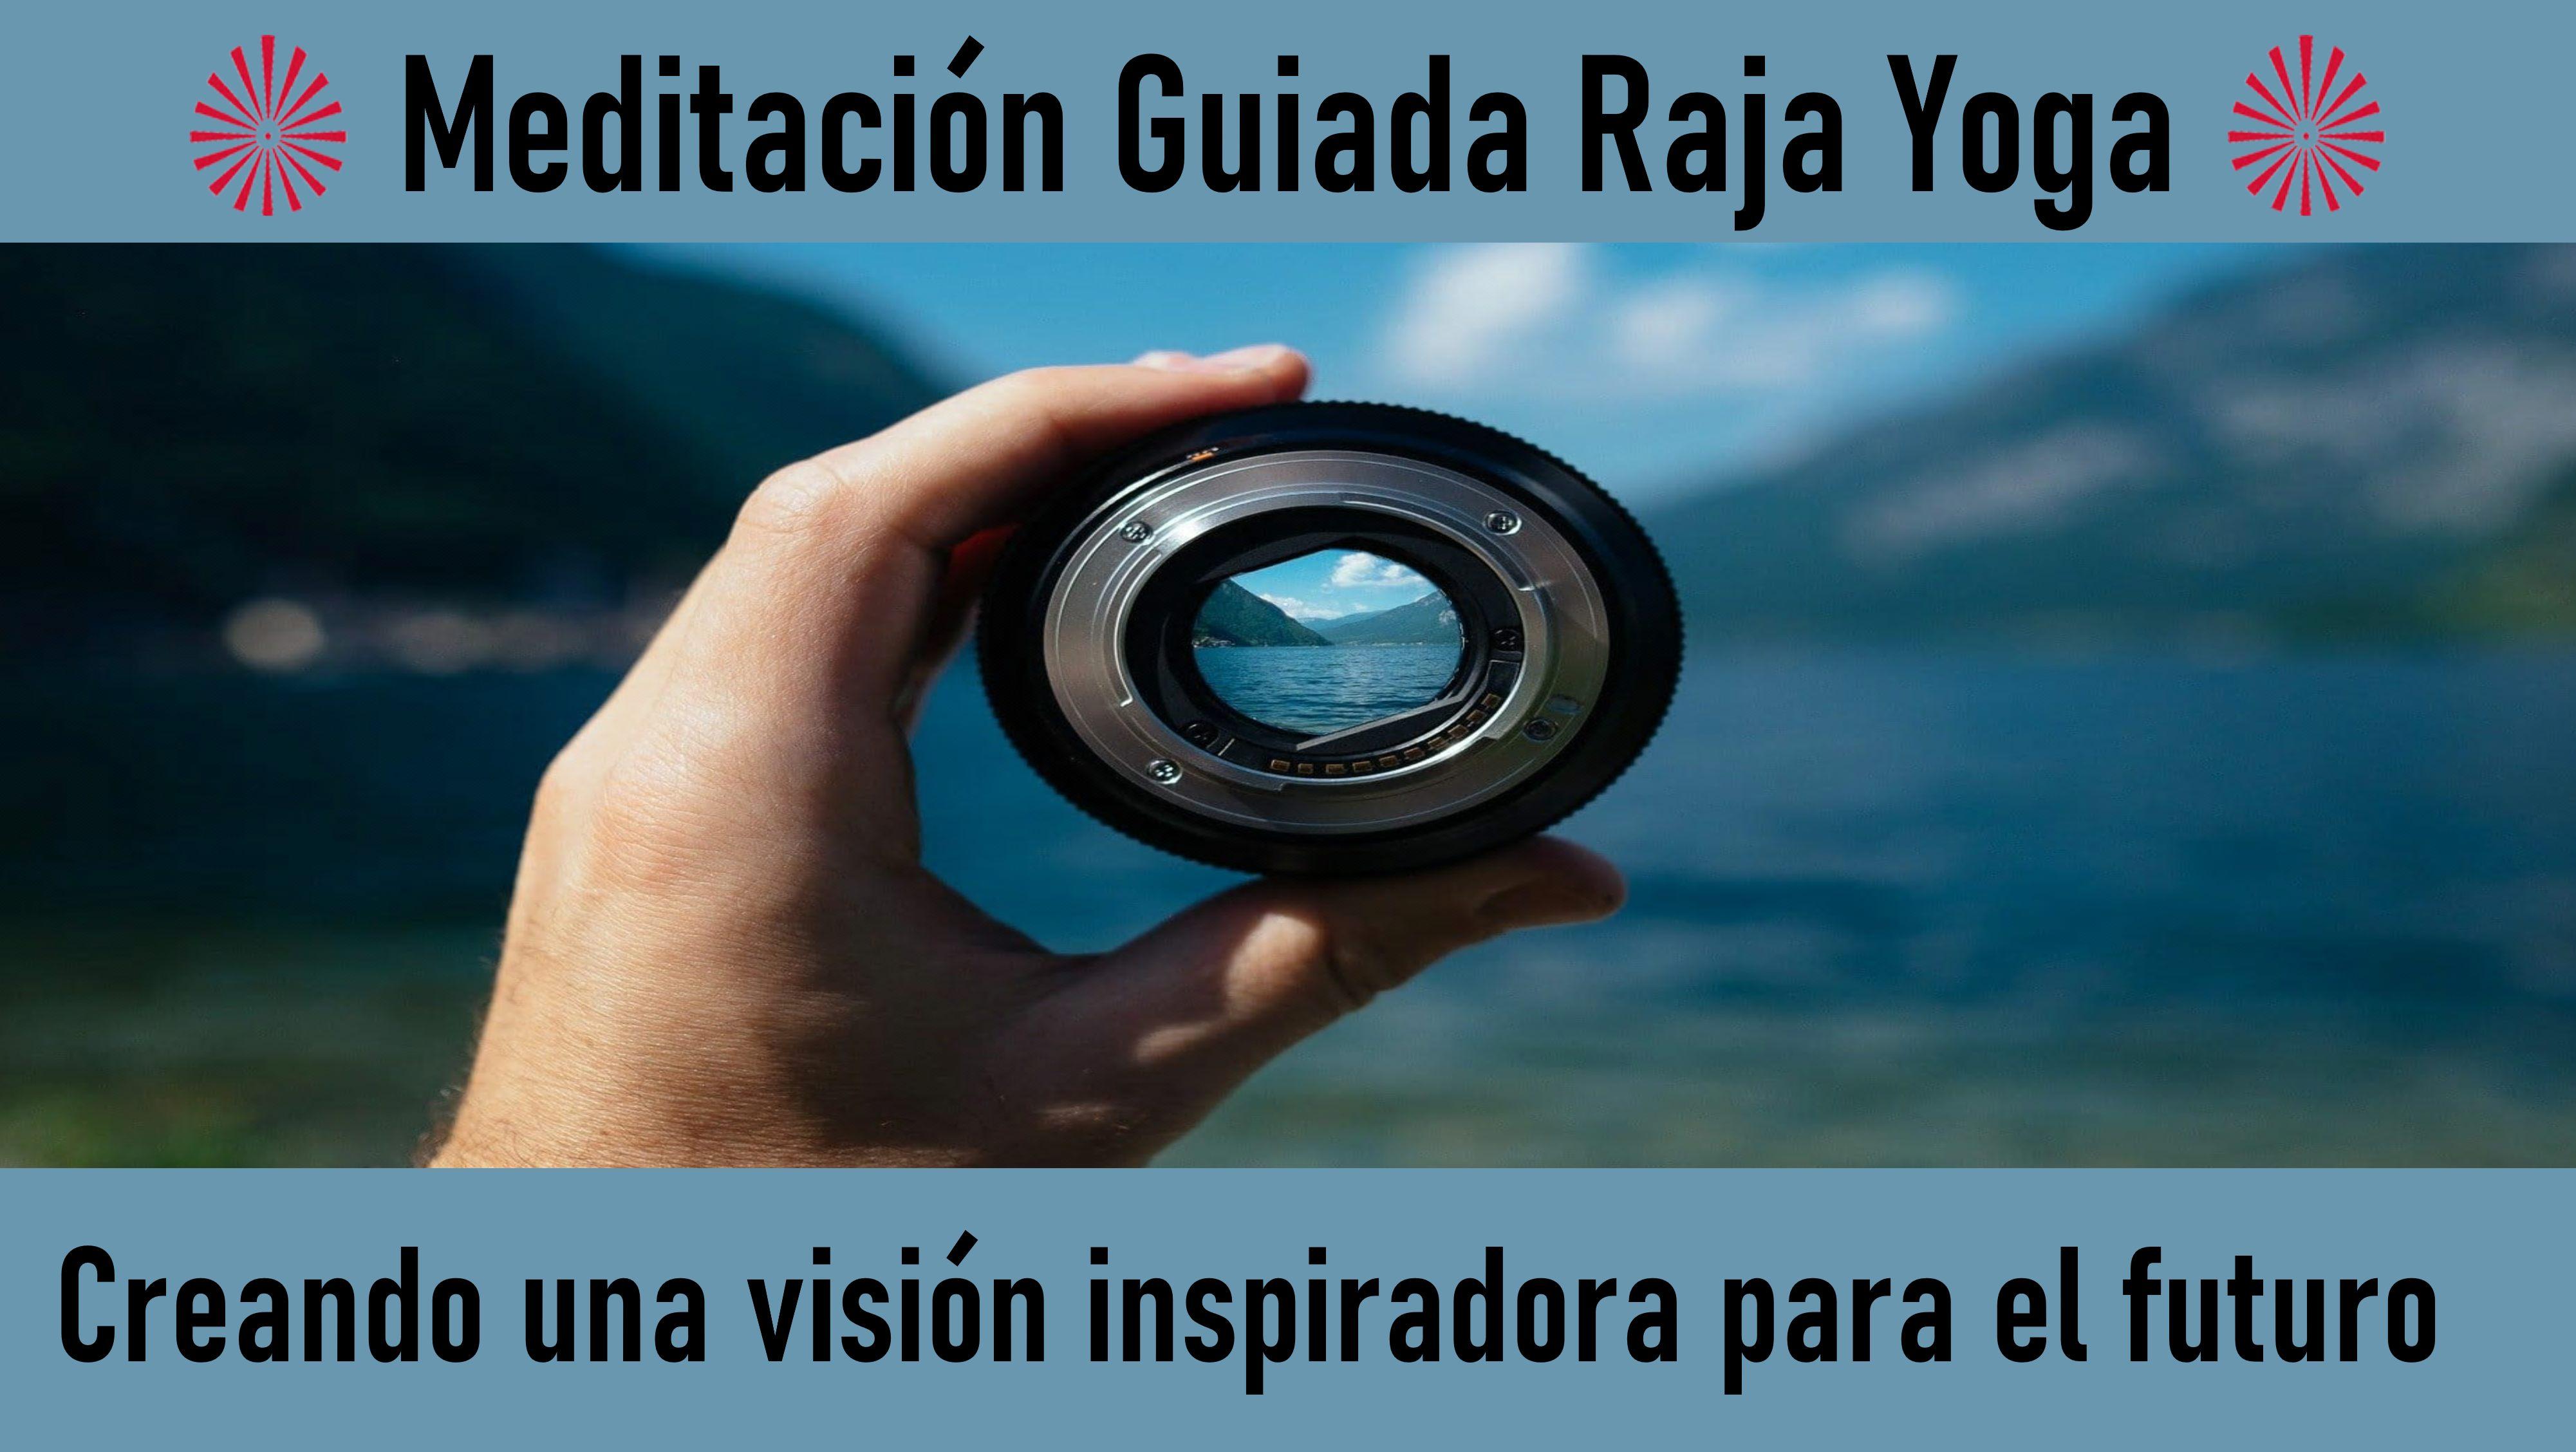 Meditación Raja Yoga: Creando una Visión Inspiradora para el Futuro (14 Mayo 2020) On-line desde Madrid